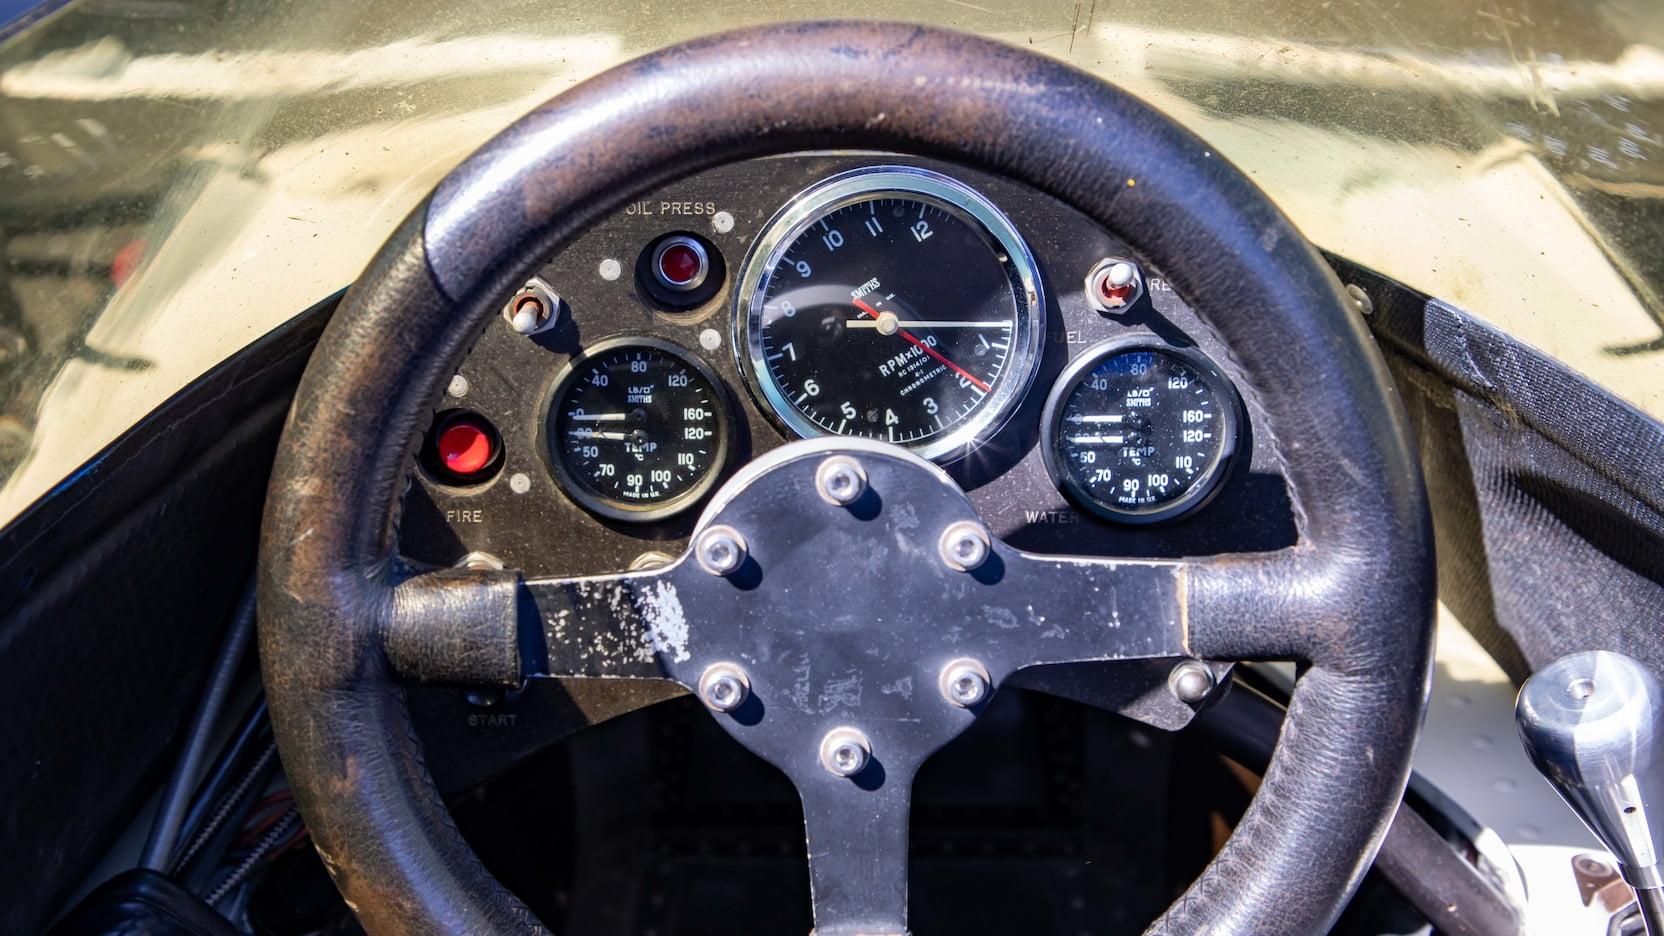 1974 Parnelli VPJ-4 Formula 1 Jones Mecum steering wheel